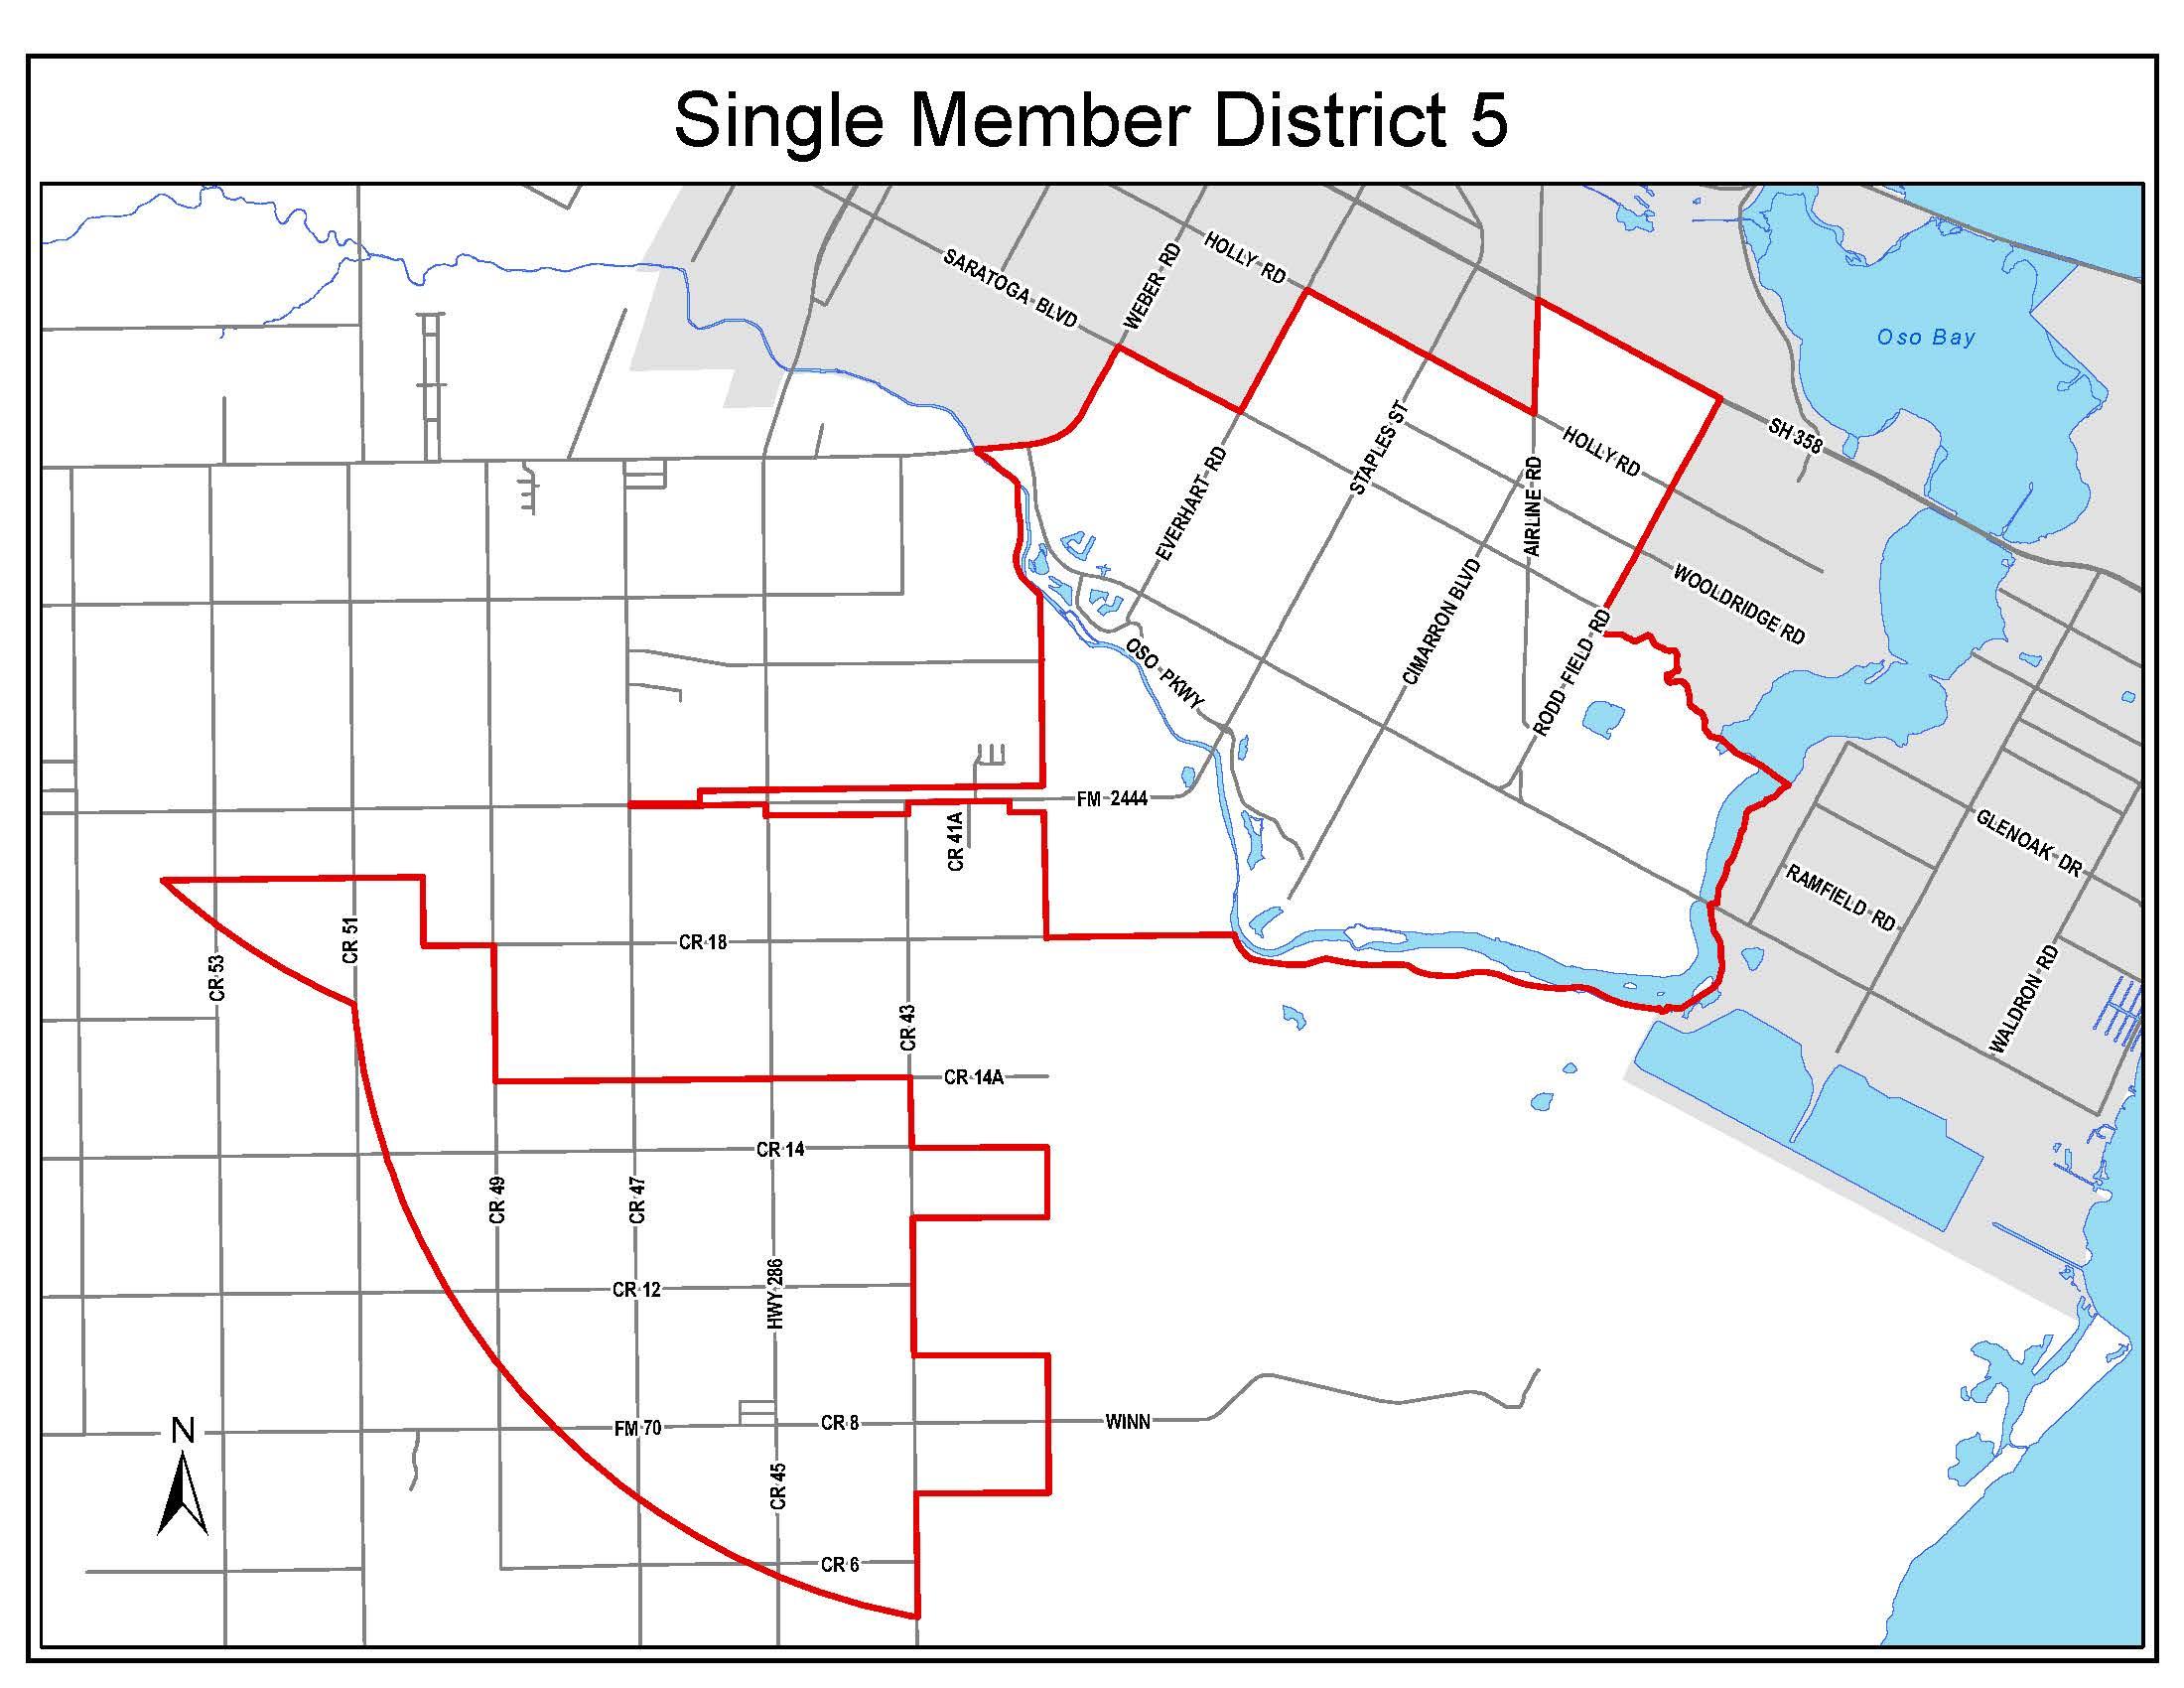 Council District 5 boundaries